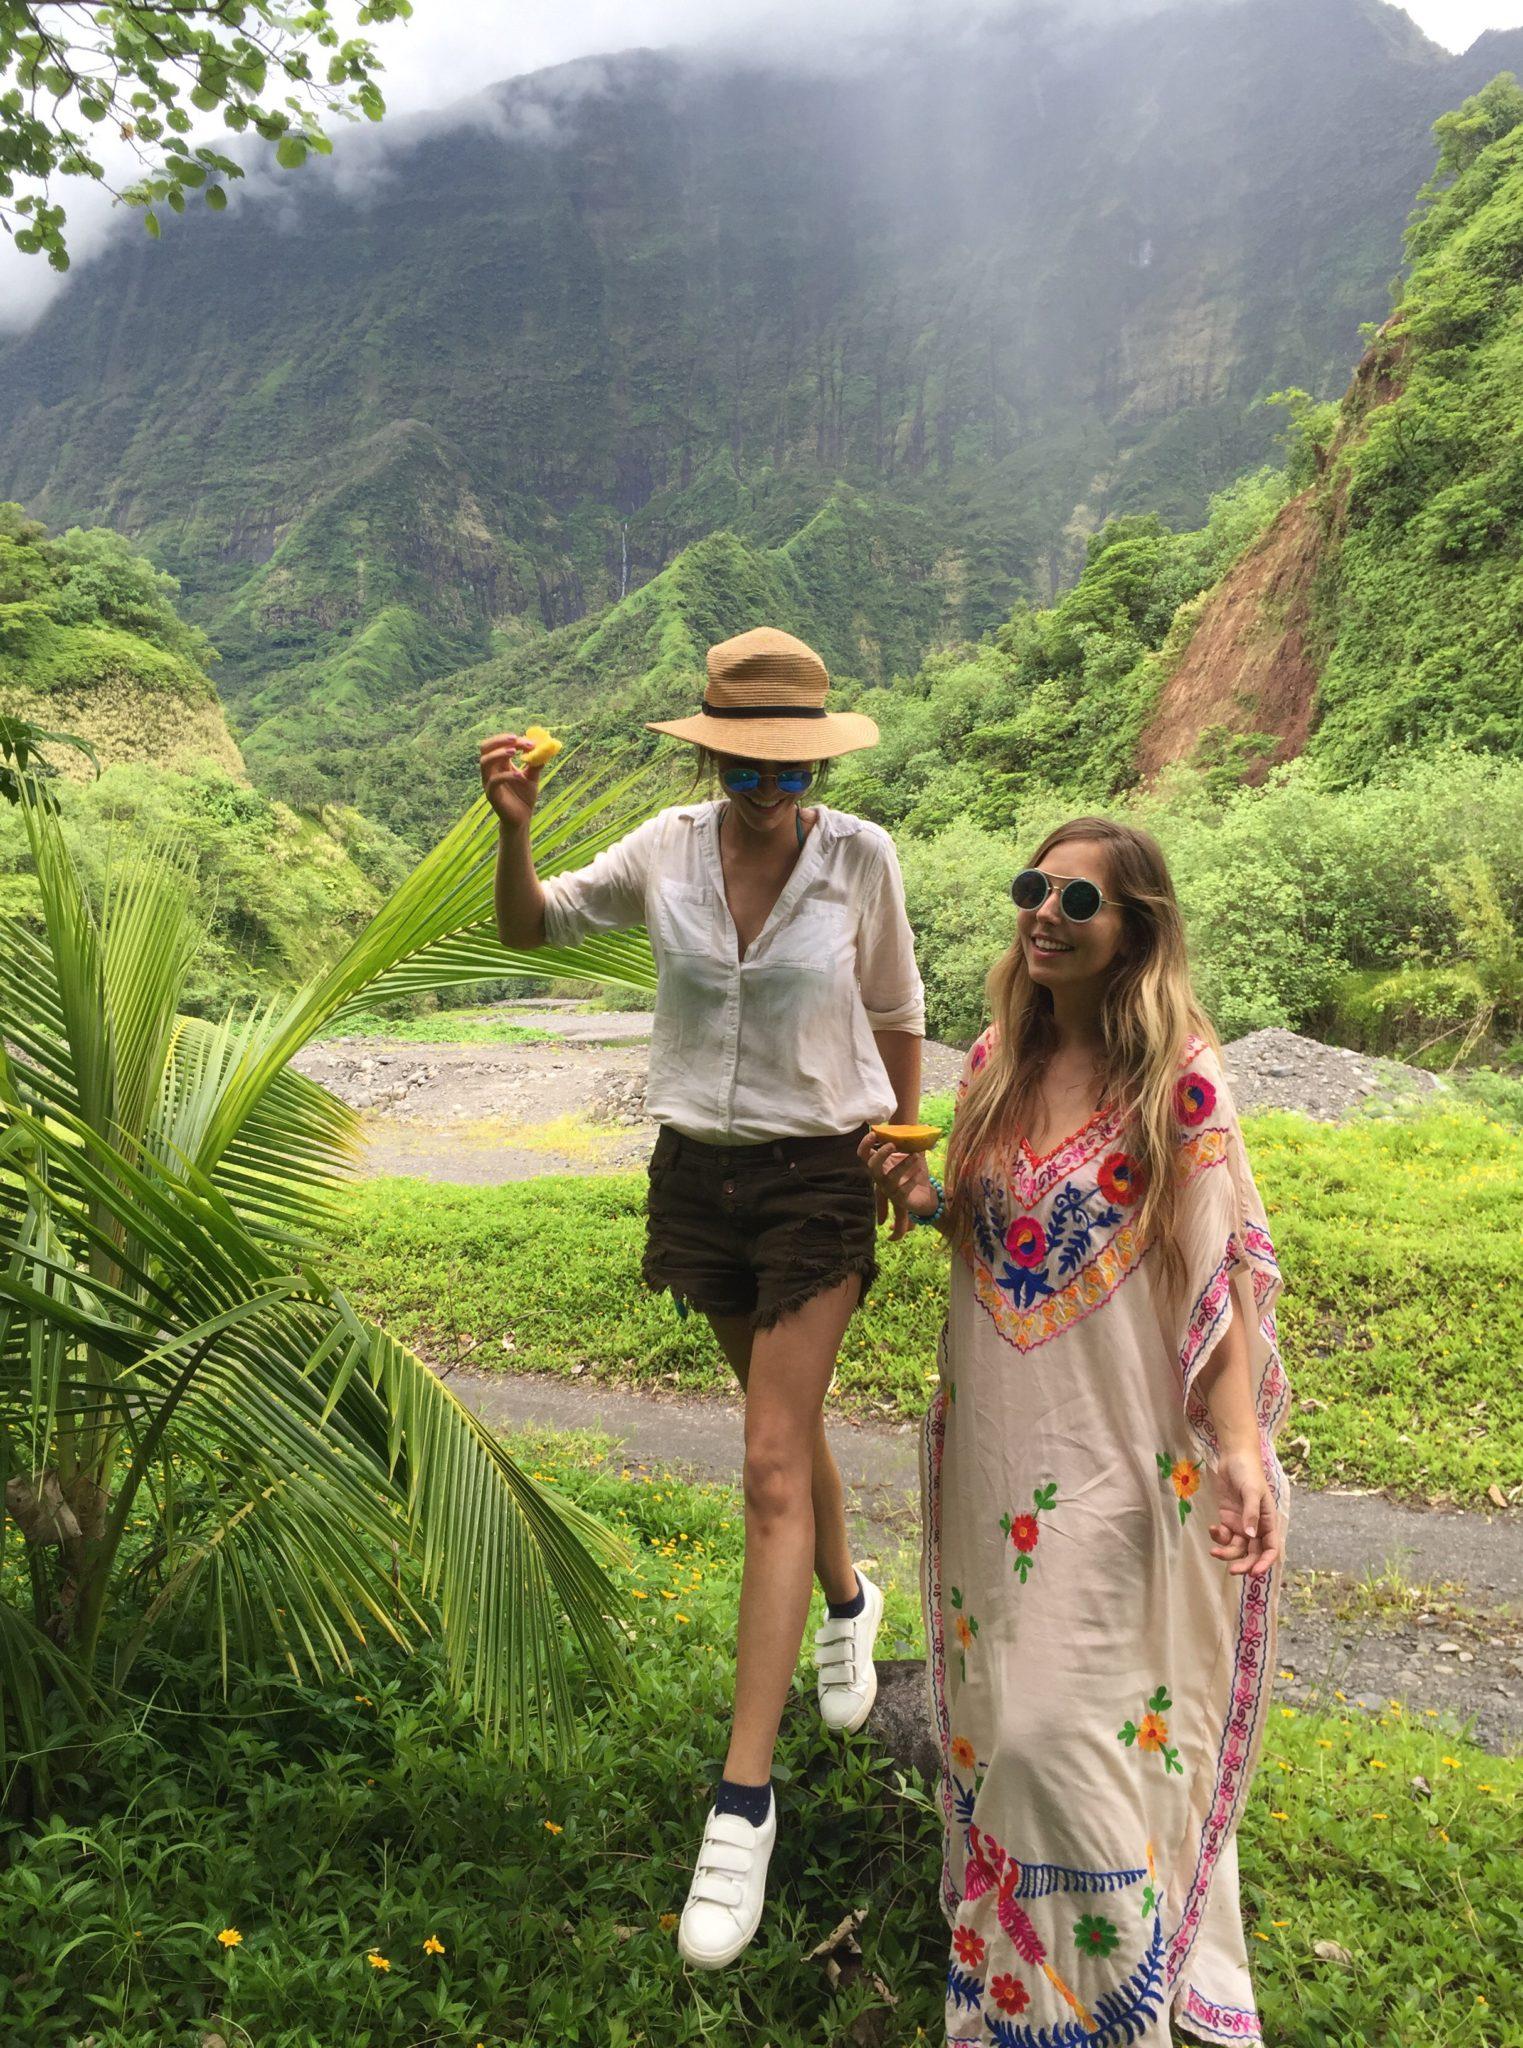 Chasing Waterfalls in Tahiti | World of Wanderlust